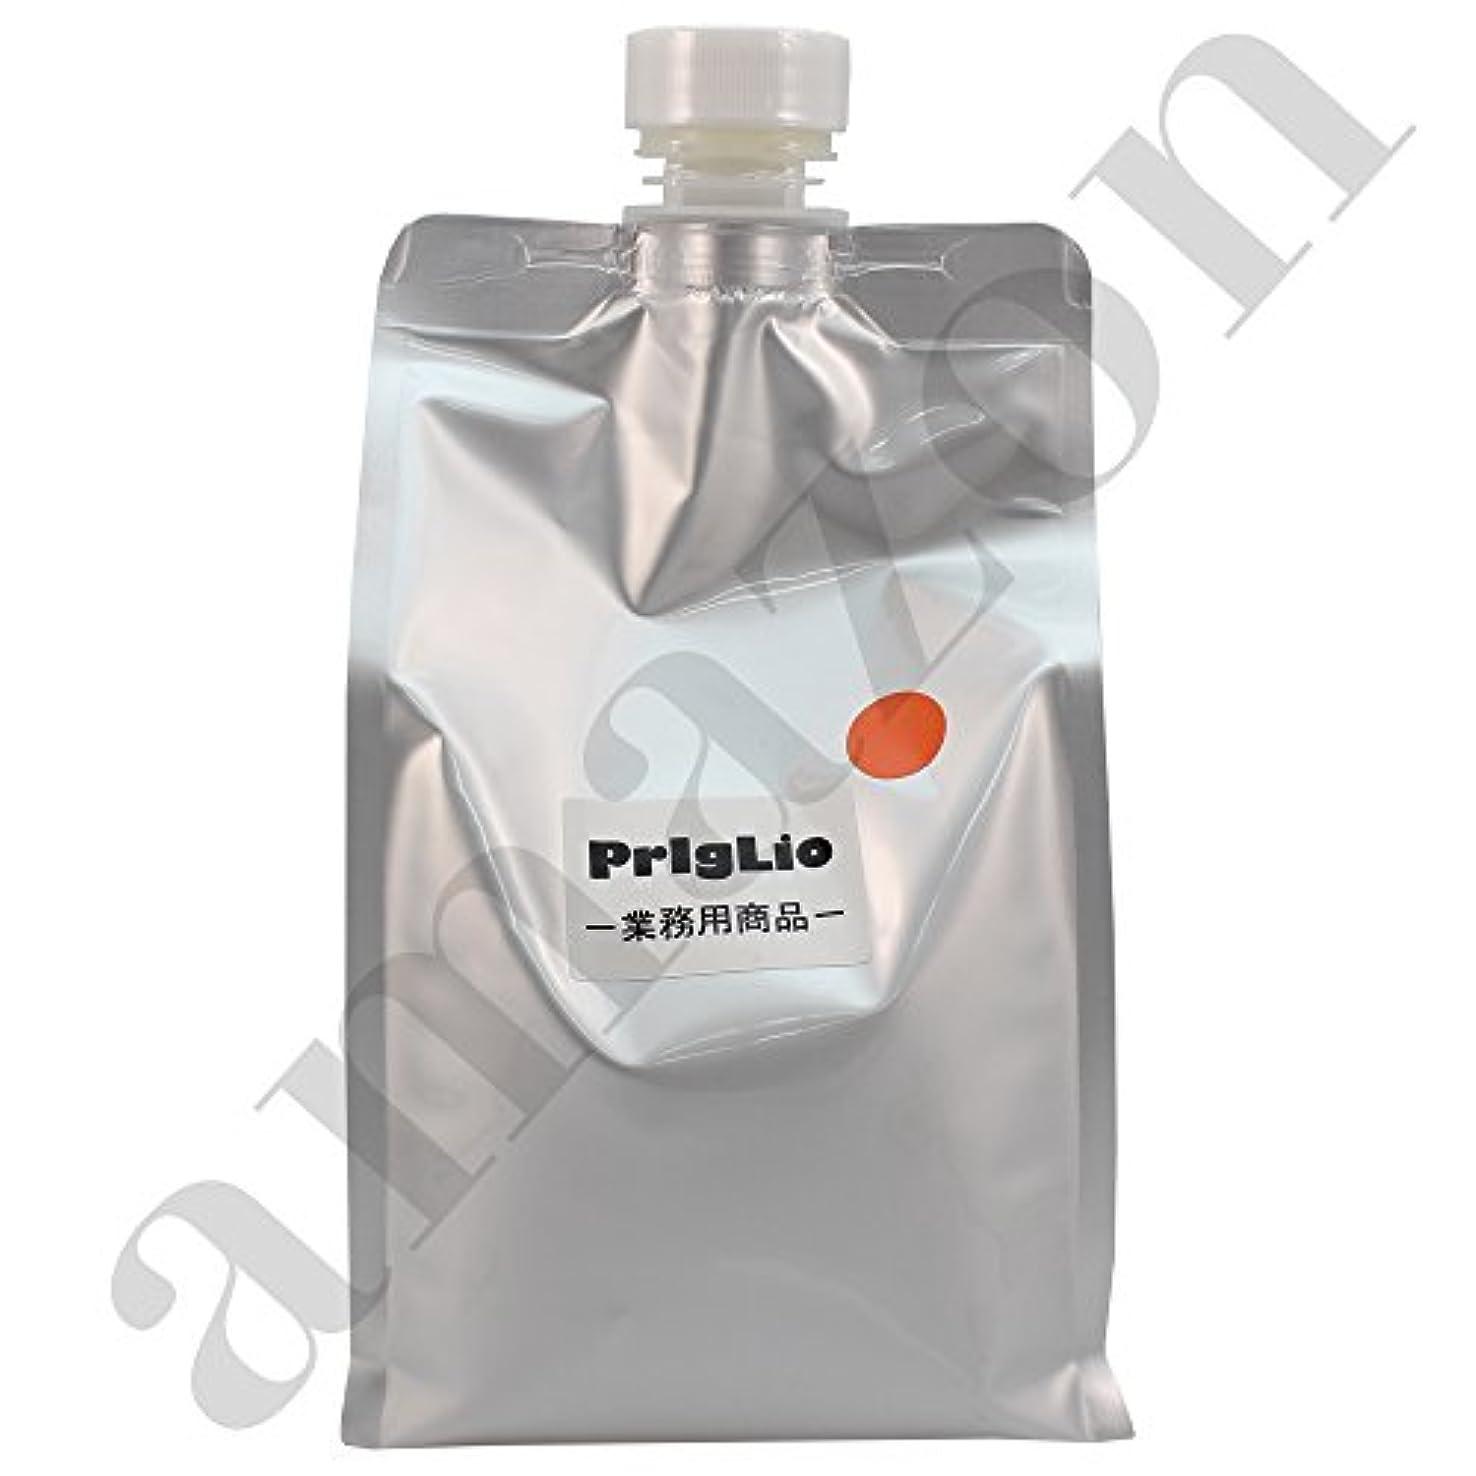 レルムモンゴメリー位置づけるプリグリオDナチュラルハーブシャンプーオレンジ 900ml 業務用